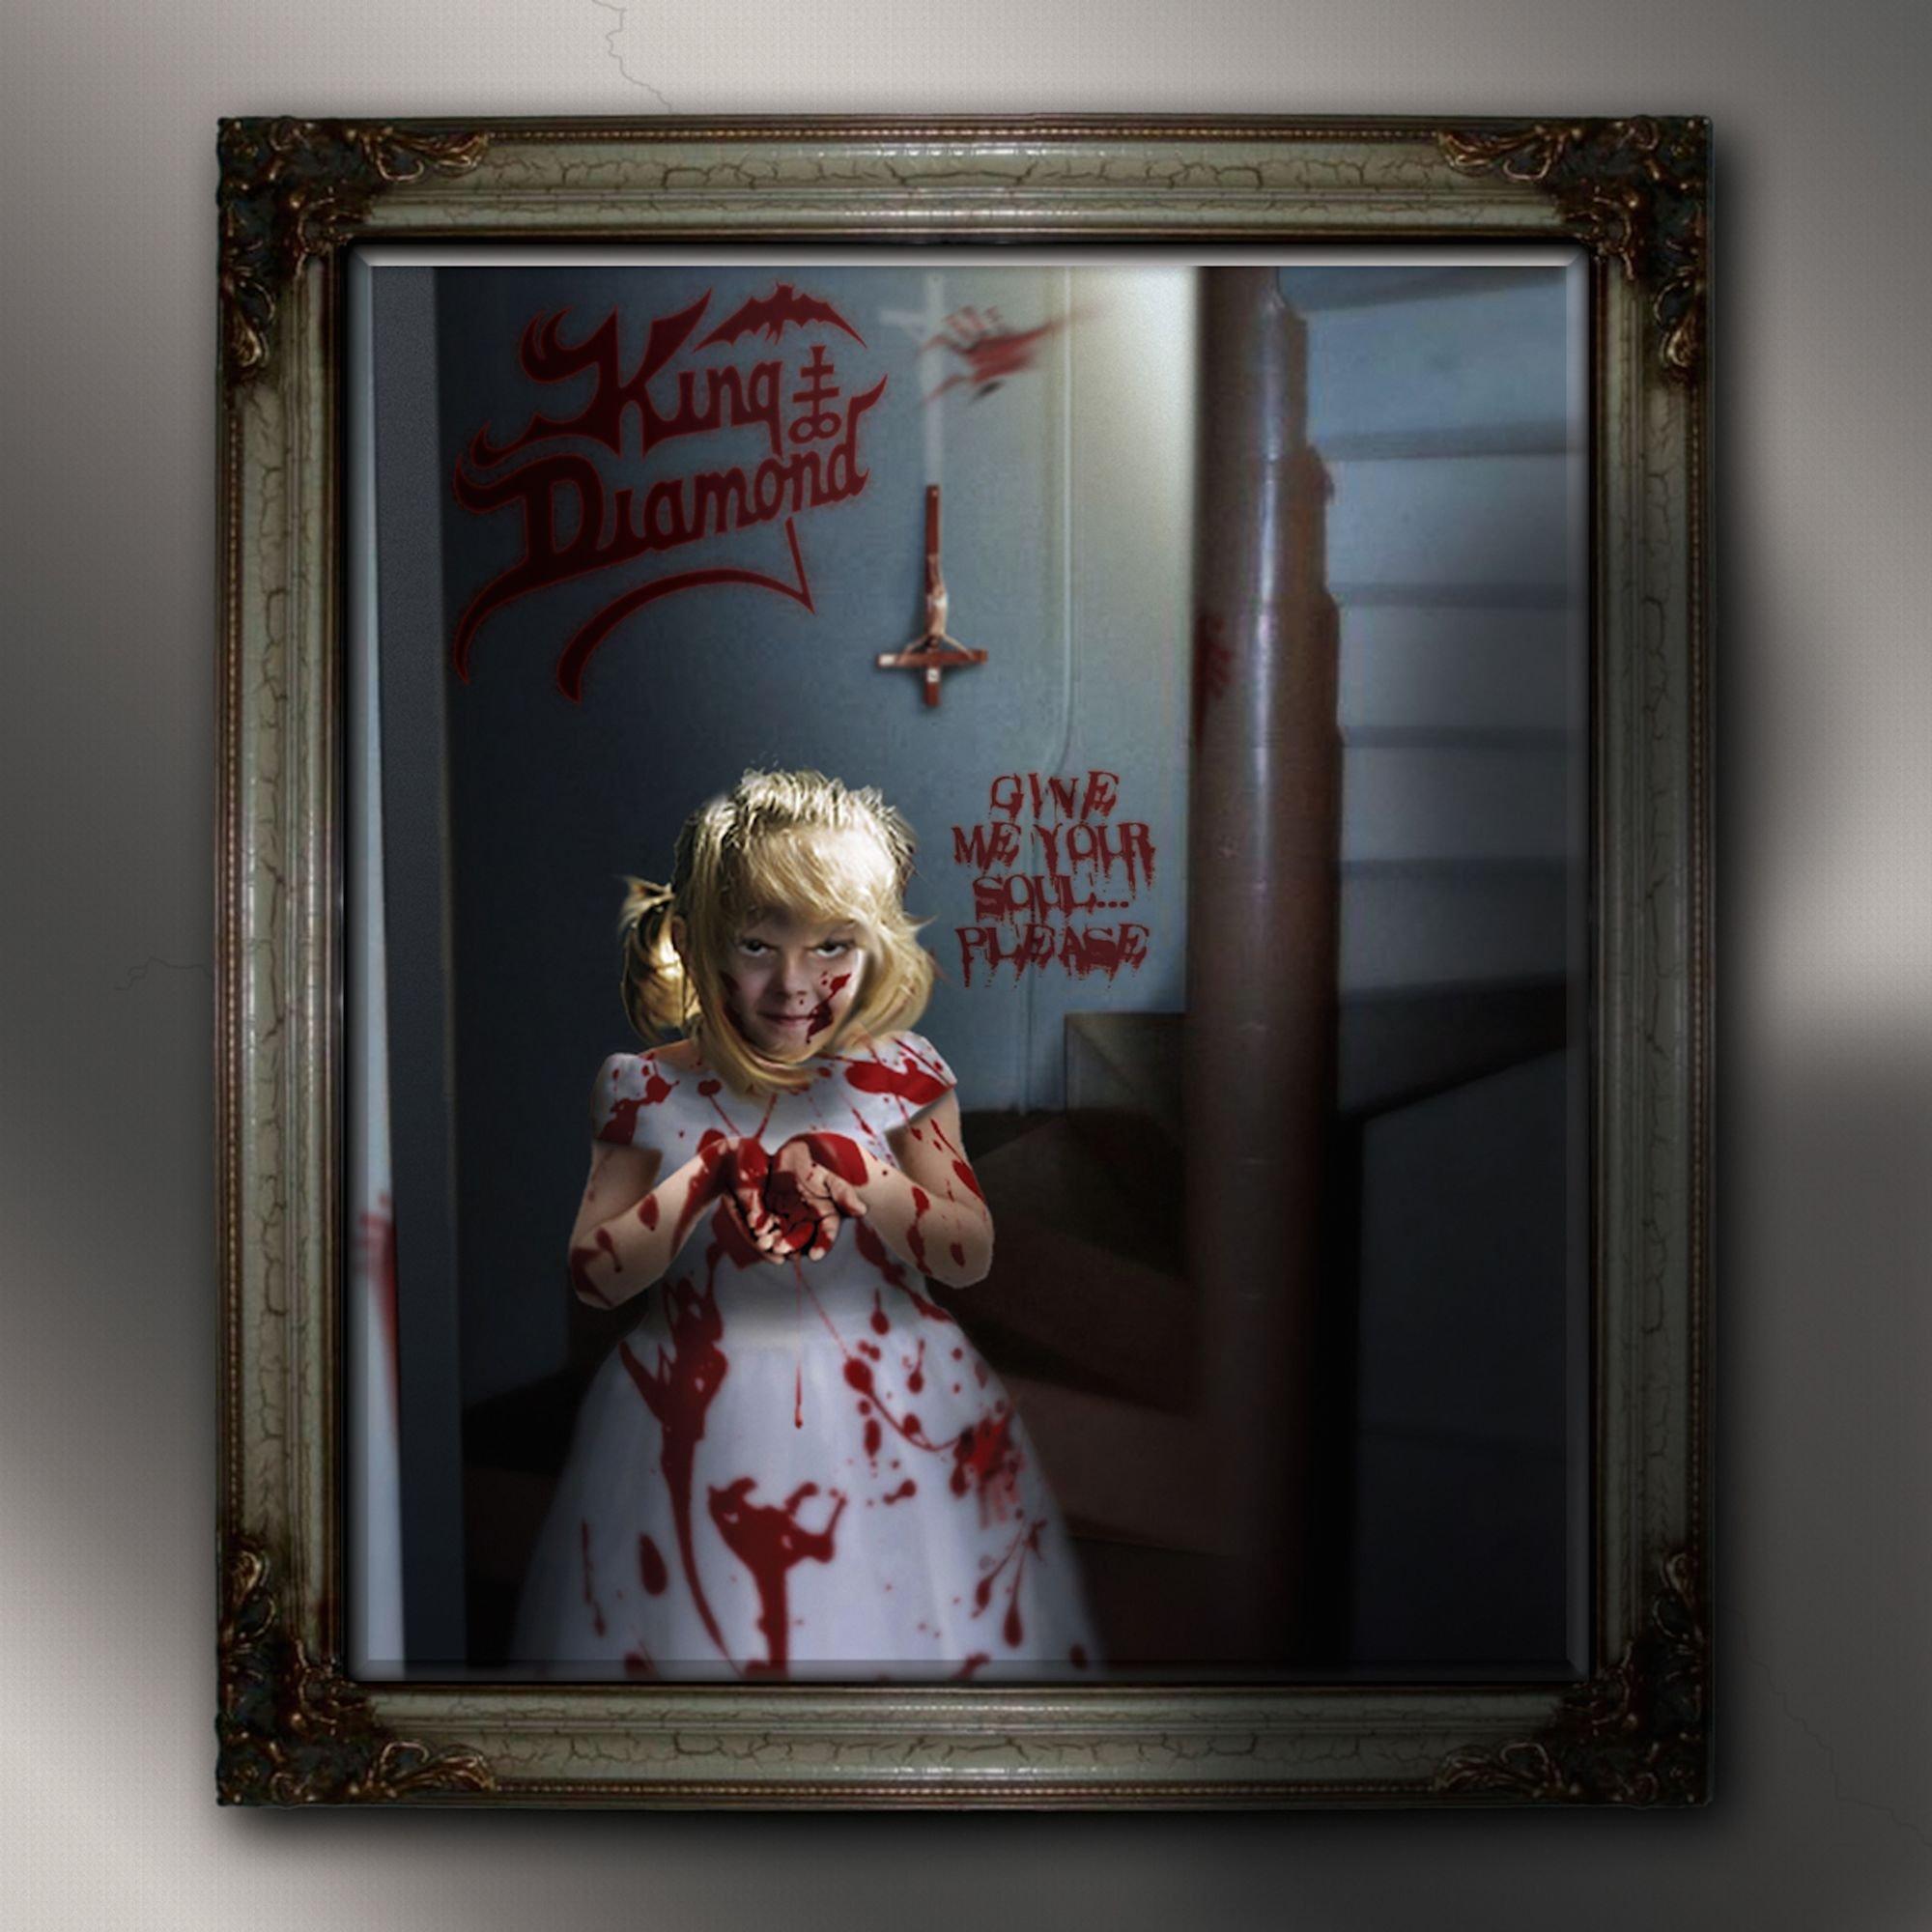 Vinilo : King Diamond - Give Me Your Soul...please (LP Vinyl)